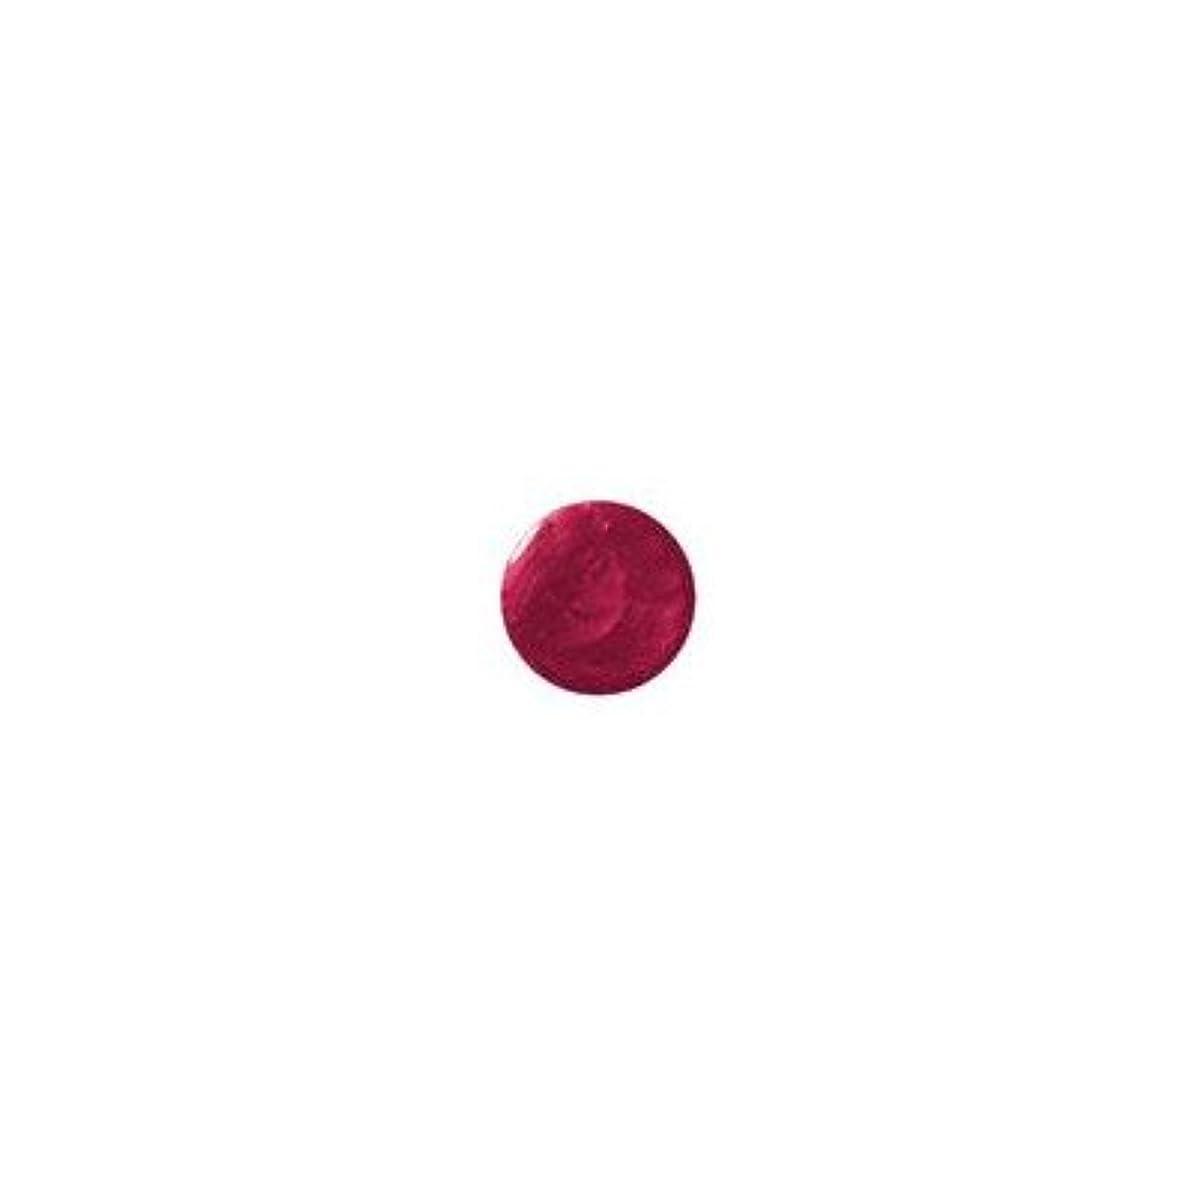 繁栄するラテン眩惑するジェレレーション カラー463Fパッショネイトキッシーズ